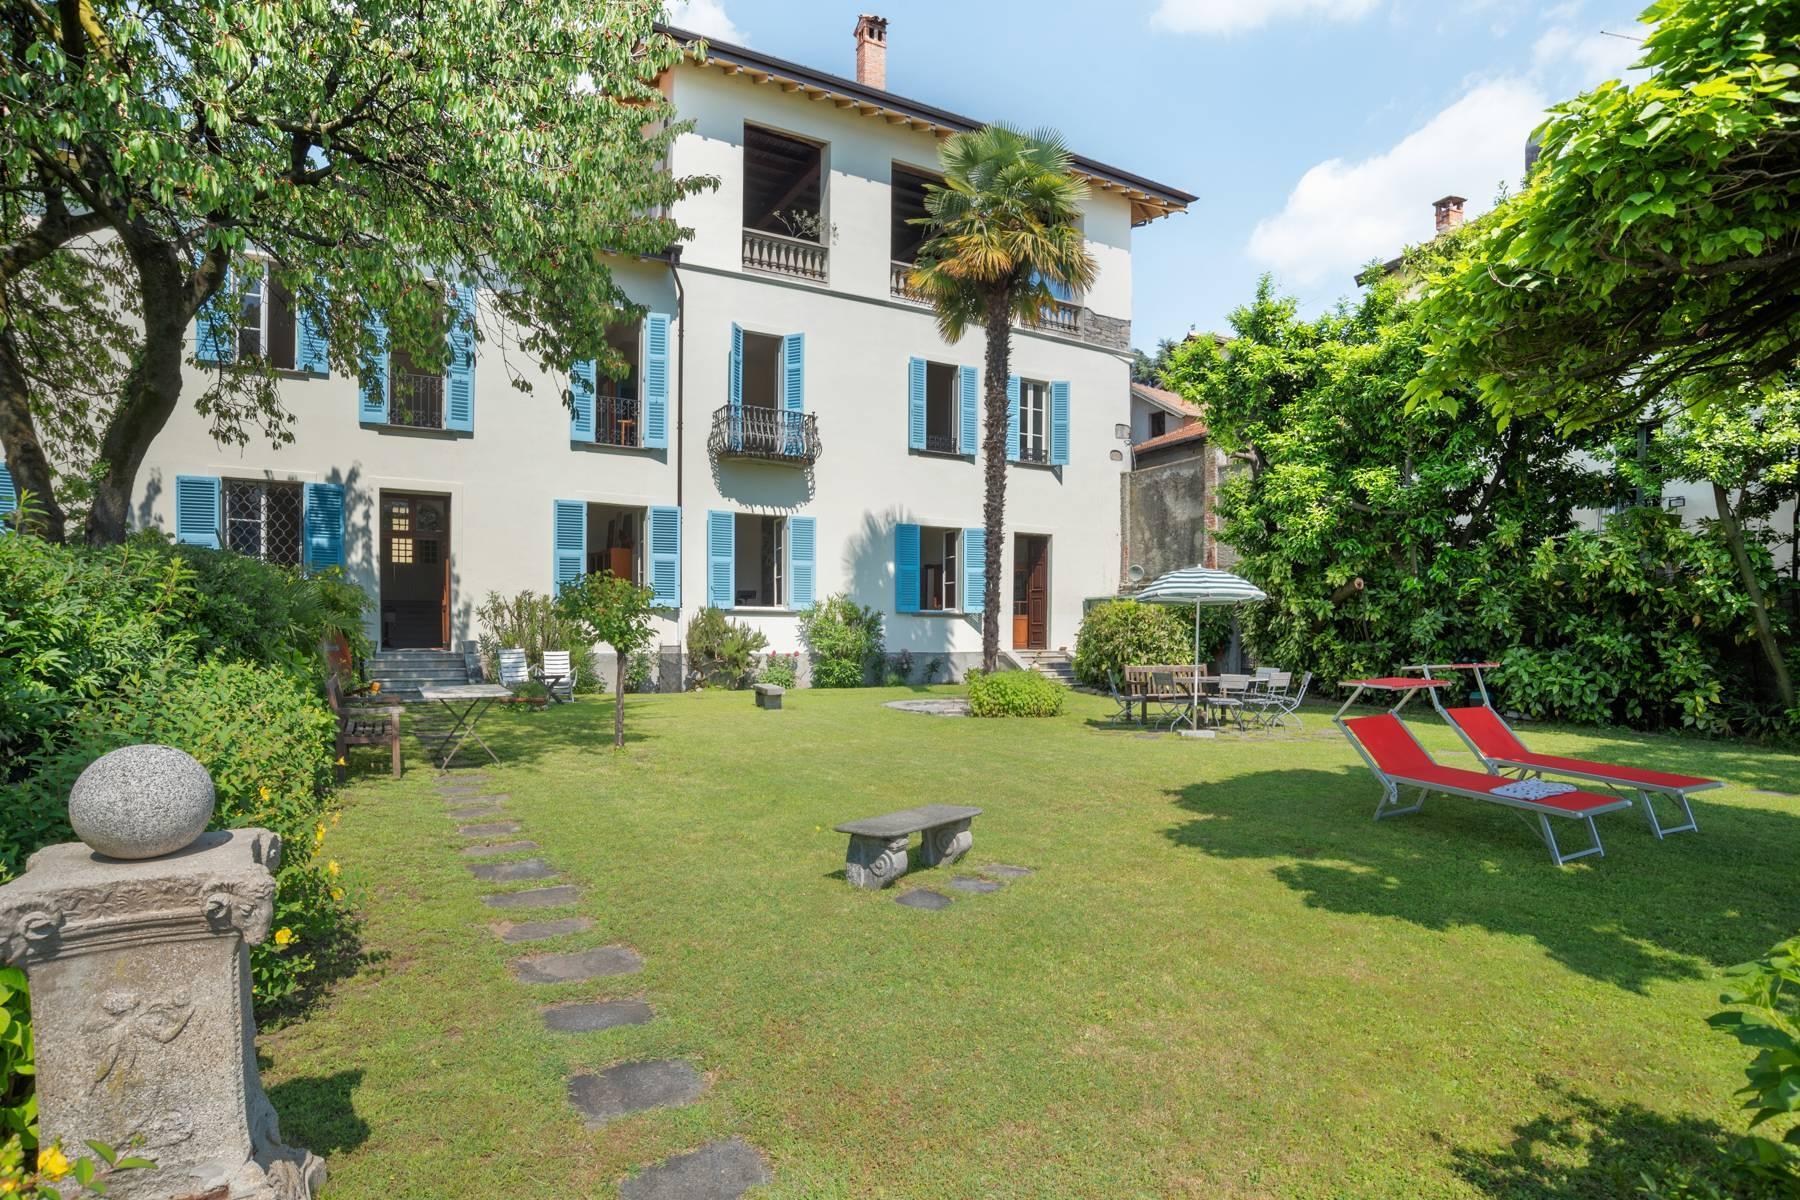 Casa storica direttamente sul lago Maggiore - 8